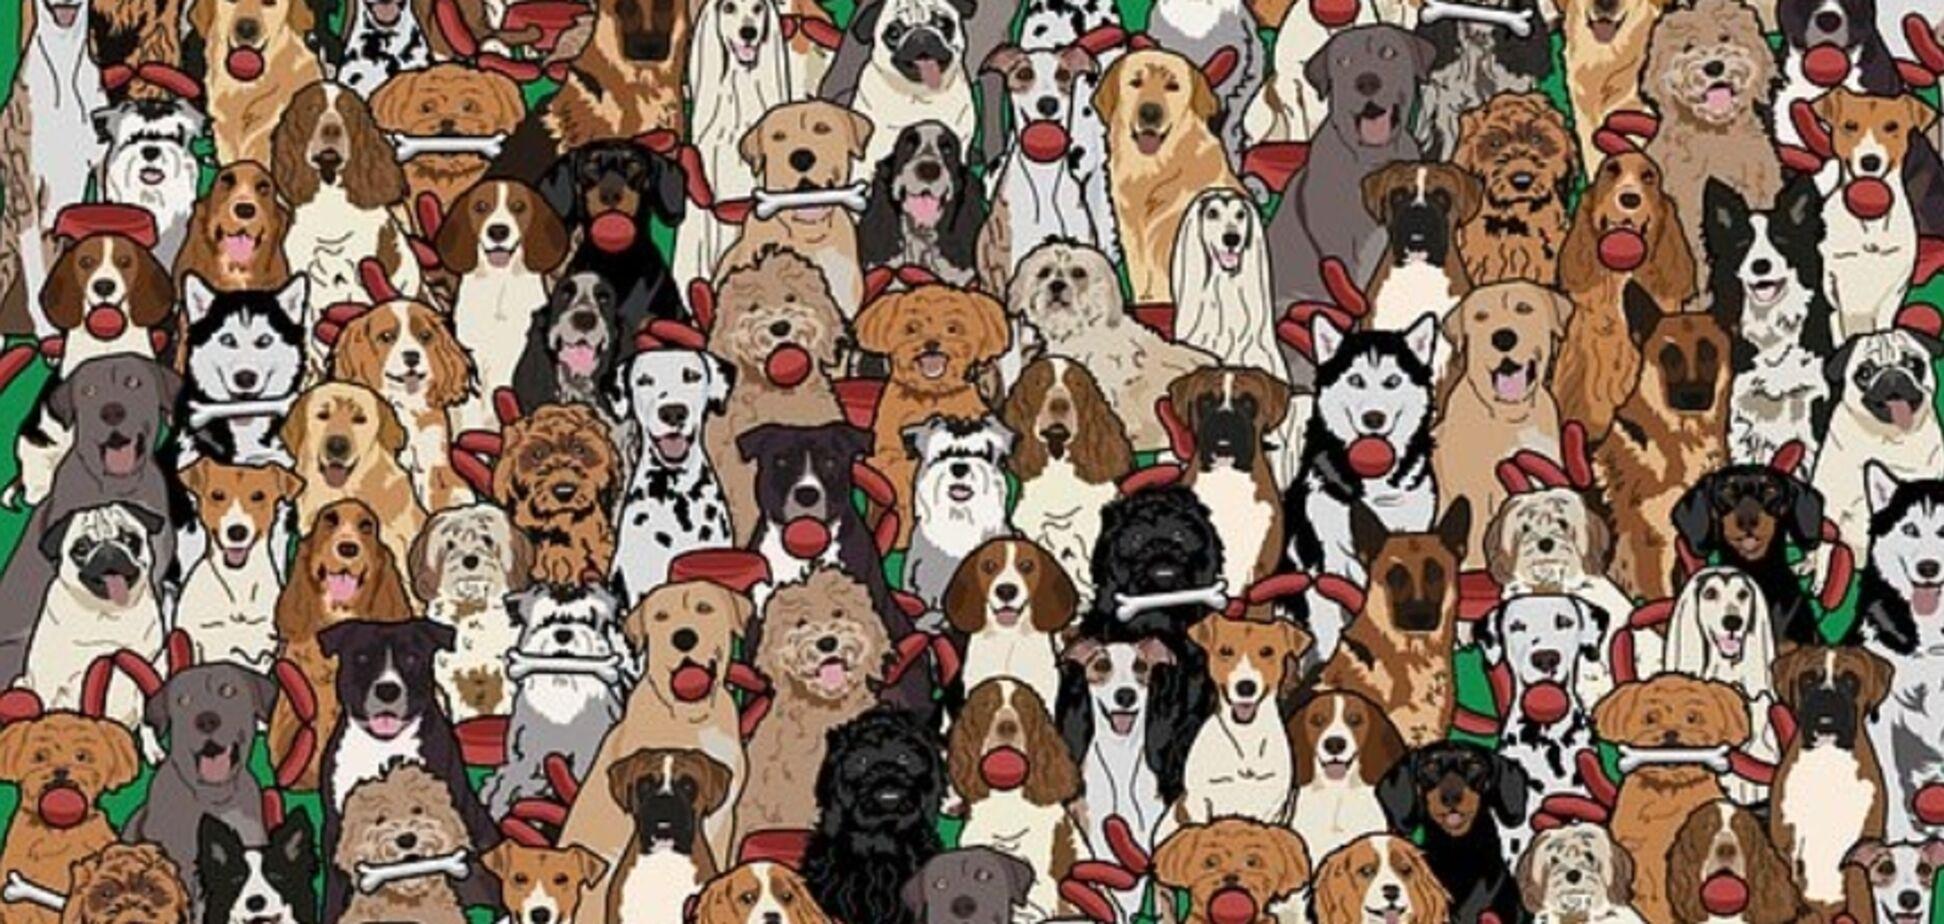 Найди собаку с колбасой: замысловатая головоломка сломала мозг пользователям сети